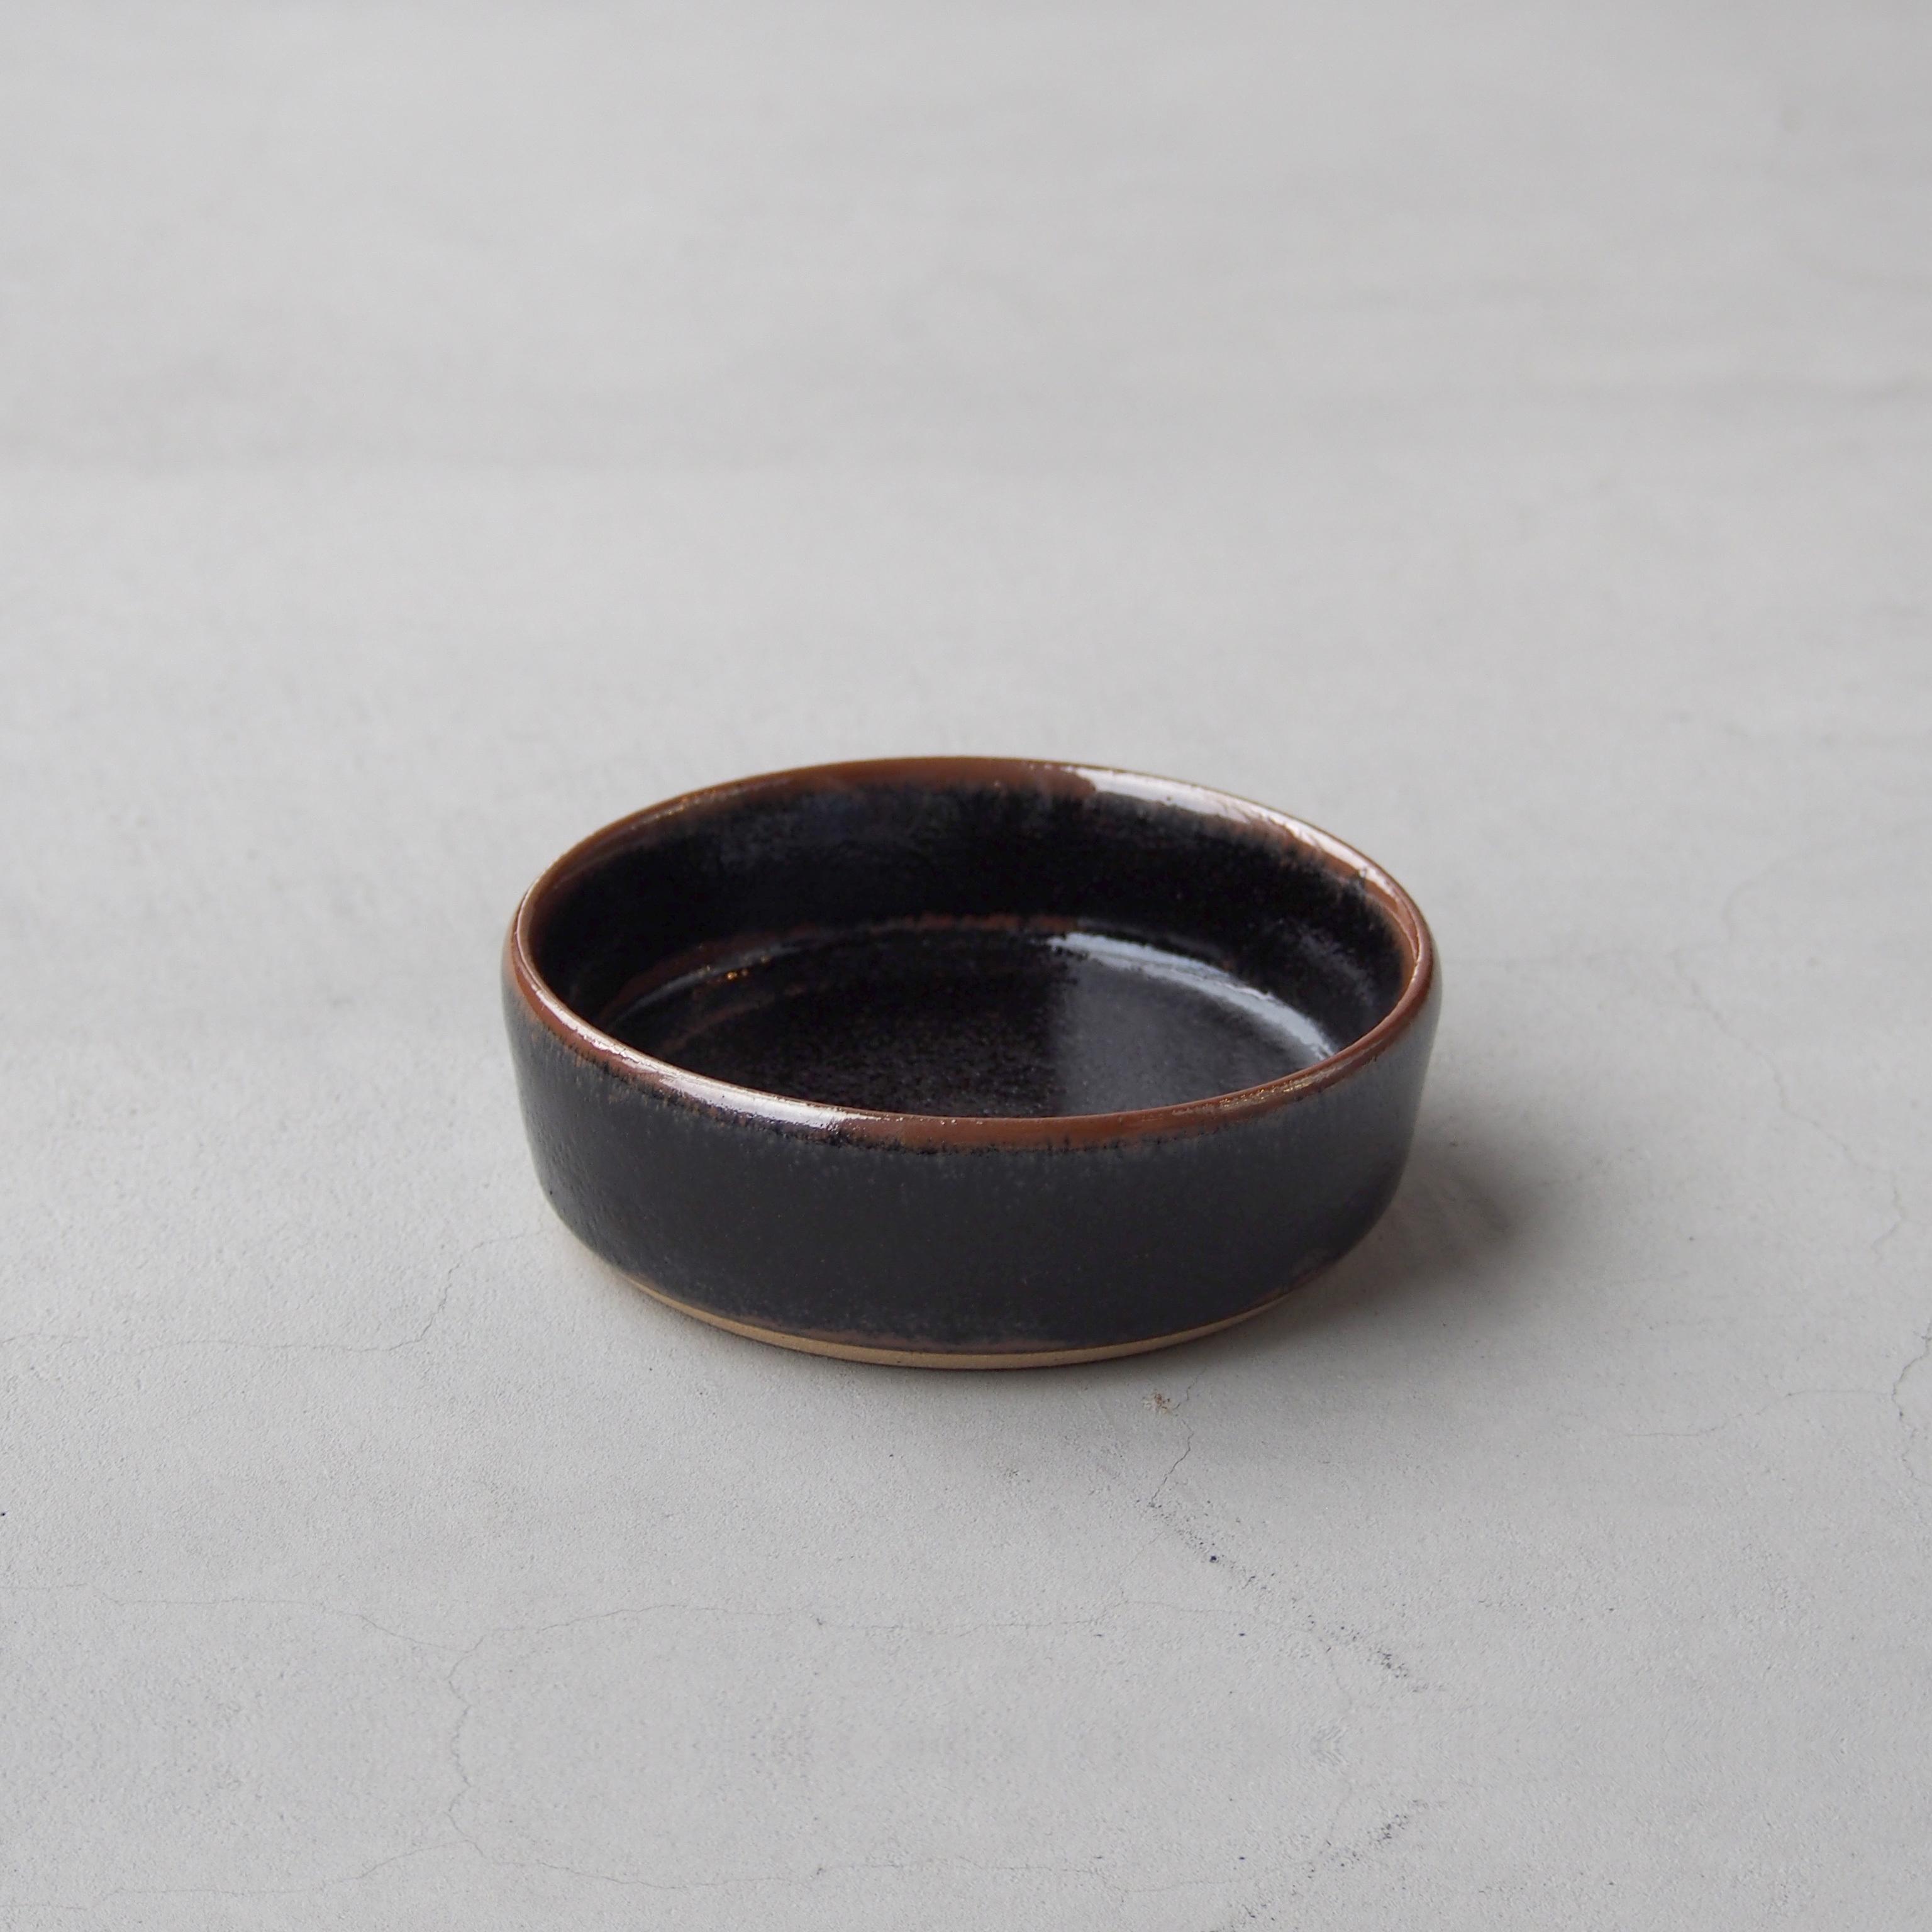 出西窯 浅切立鉢4寸 黒